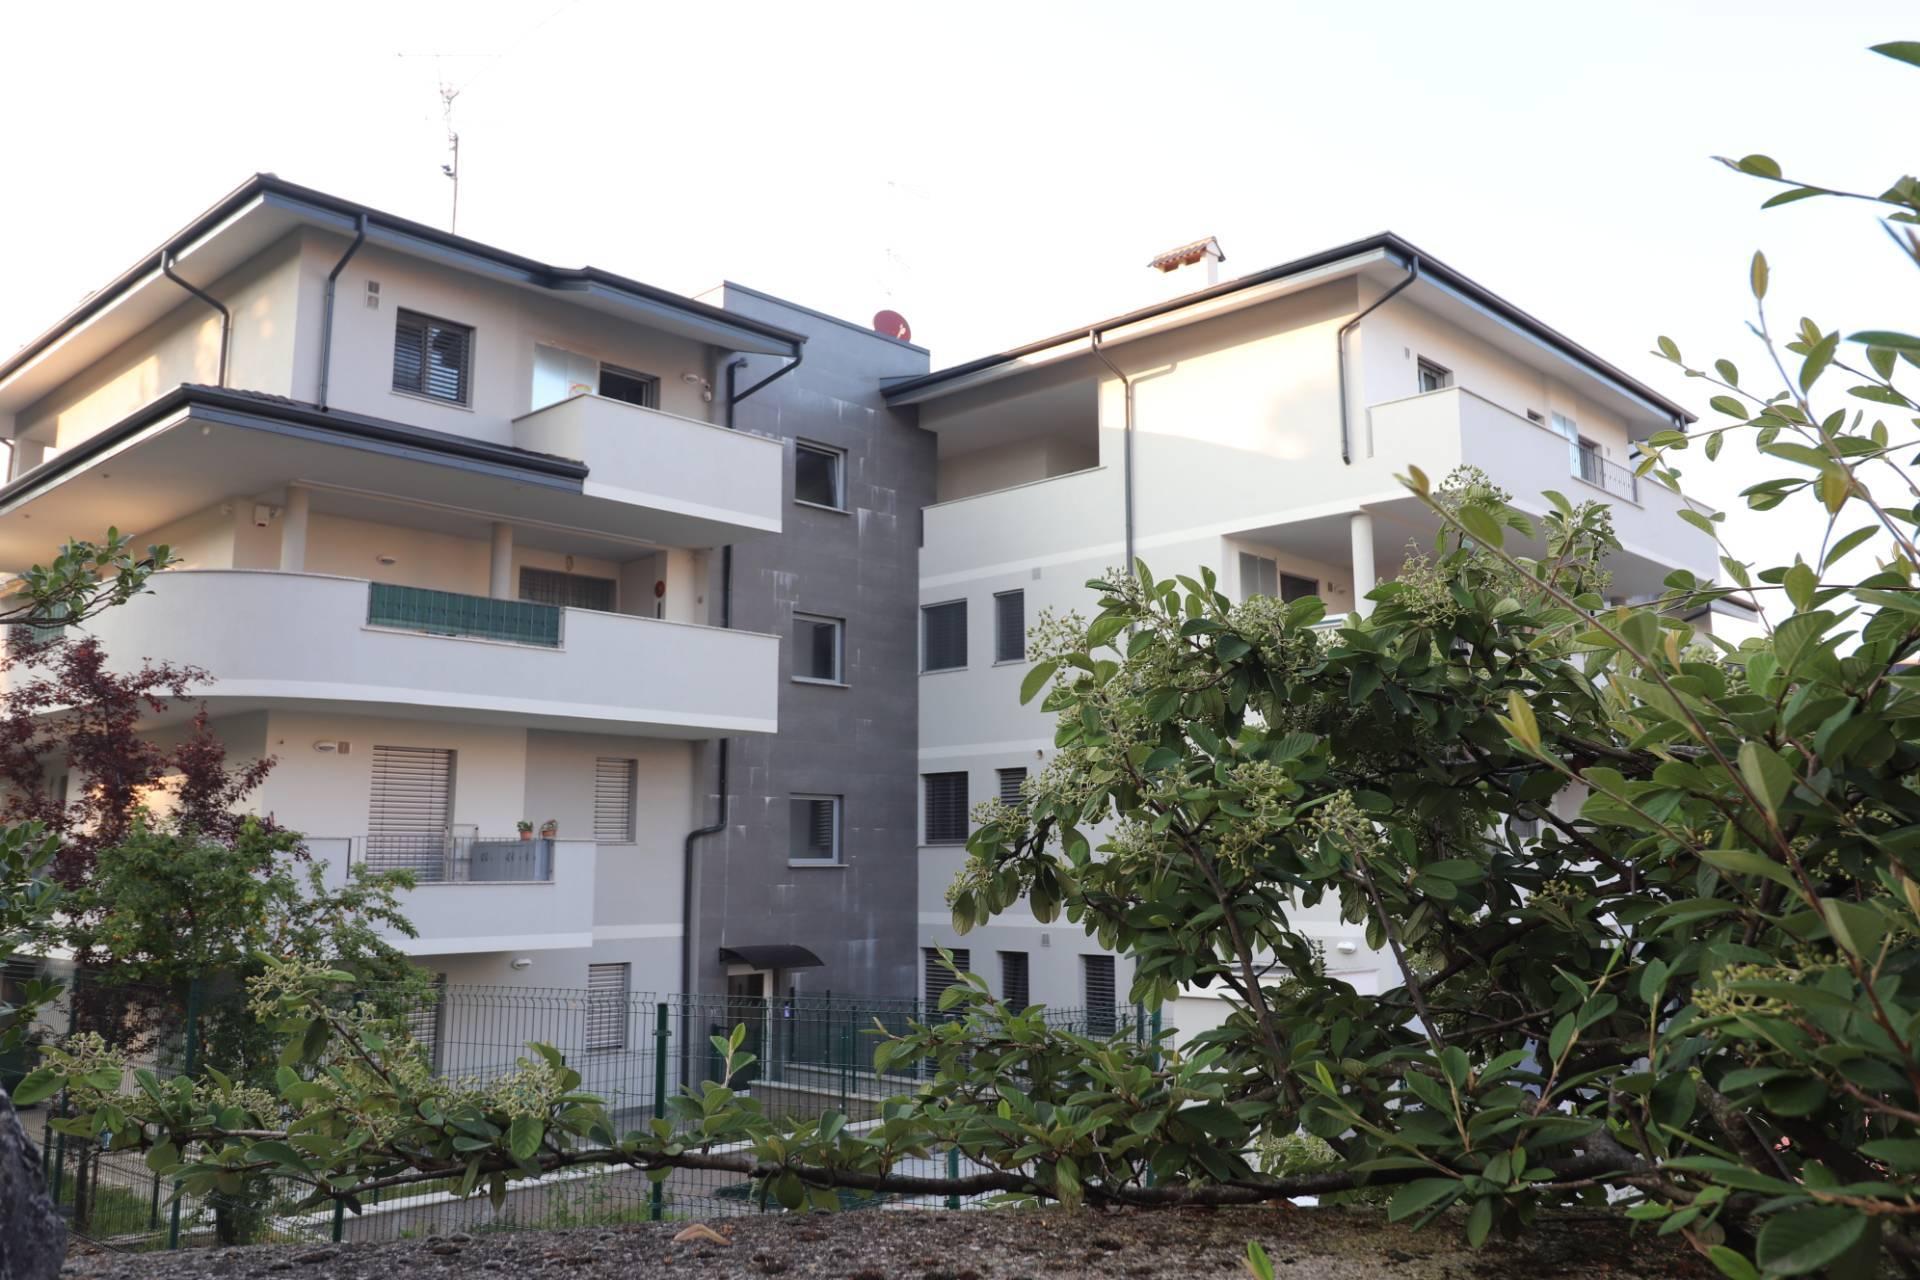 Appartamento in vendita a Usmate Velate, 5 locali, zona te, prezzo € 390.000 | PortaleAgenzieImmobiliari.it